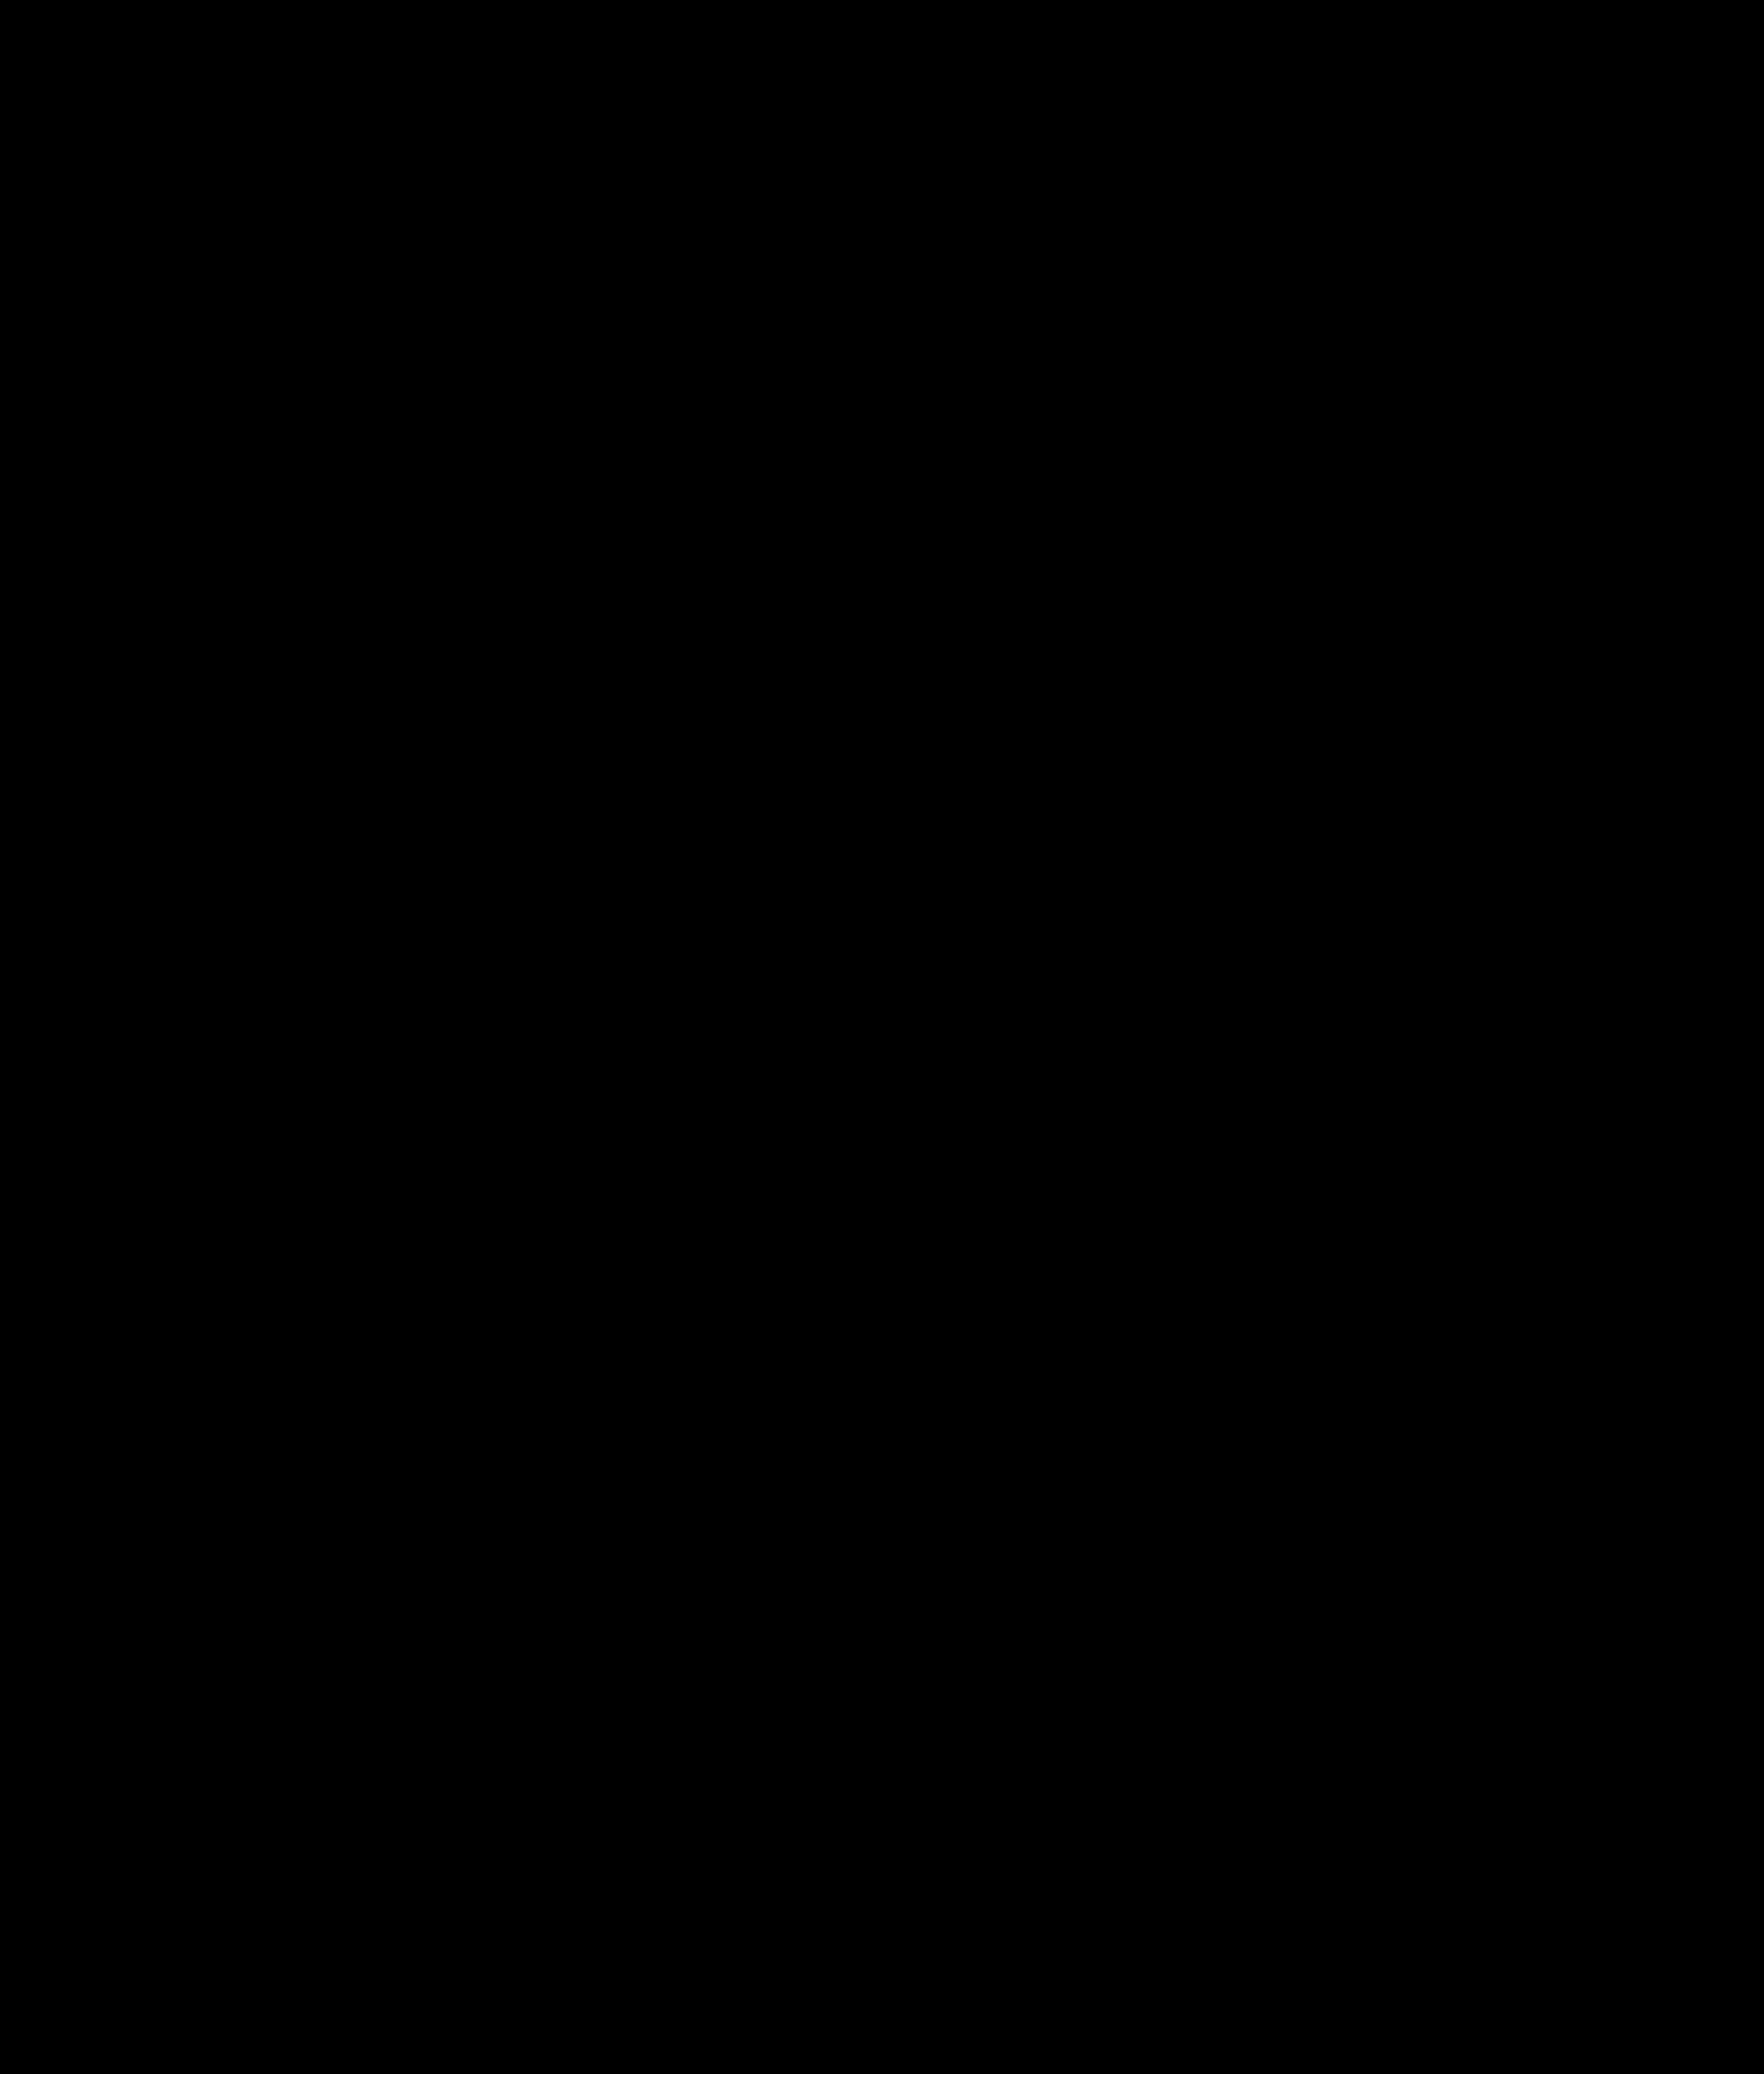 Clipart fleur de lis symbol - Fleur de lys symbole ...